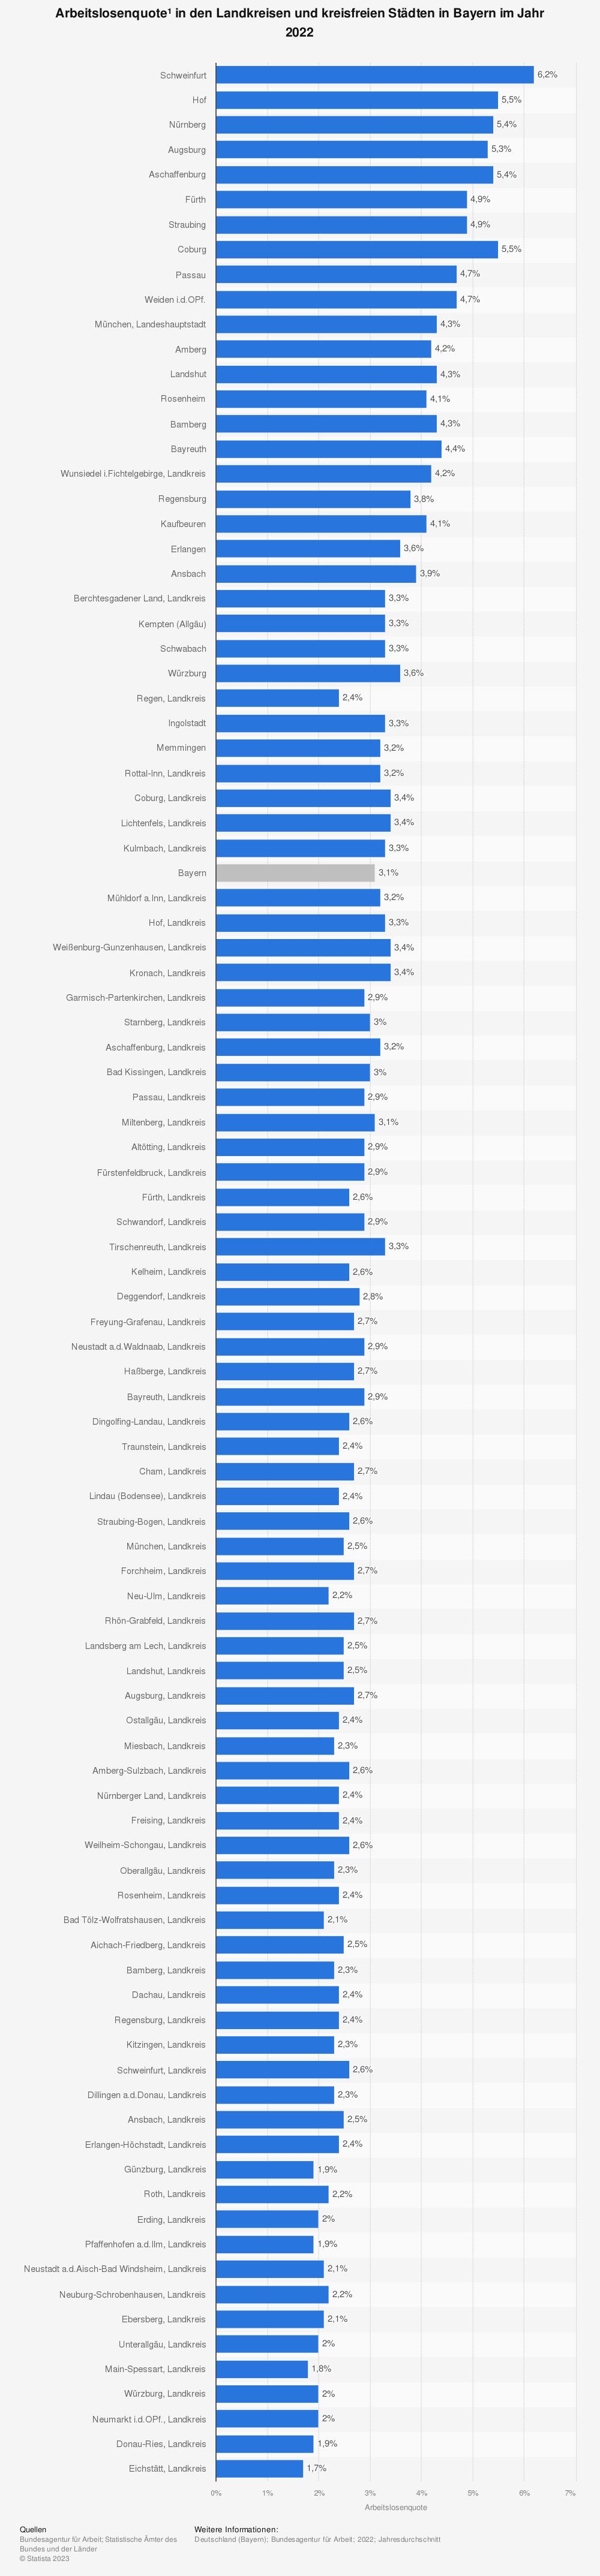 Statistik: Arbeitslosenquote* in den Landkreisen und kreisfreien Städten in Bayern im Jahr 2020 | Statista